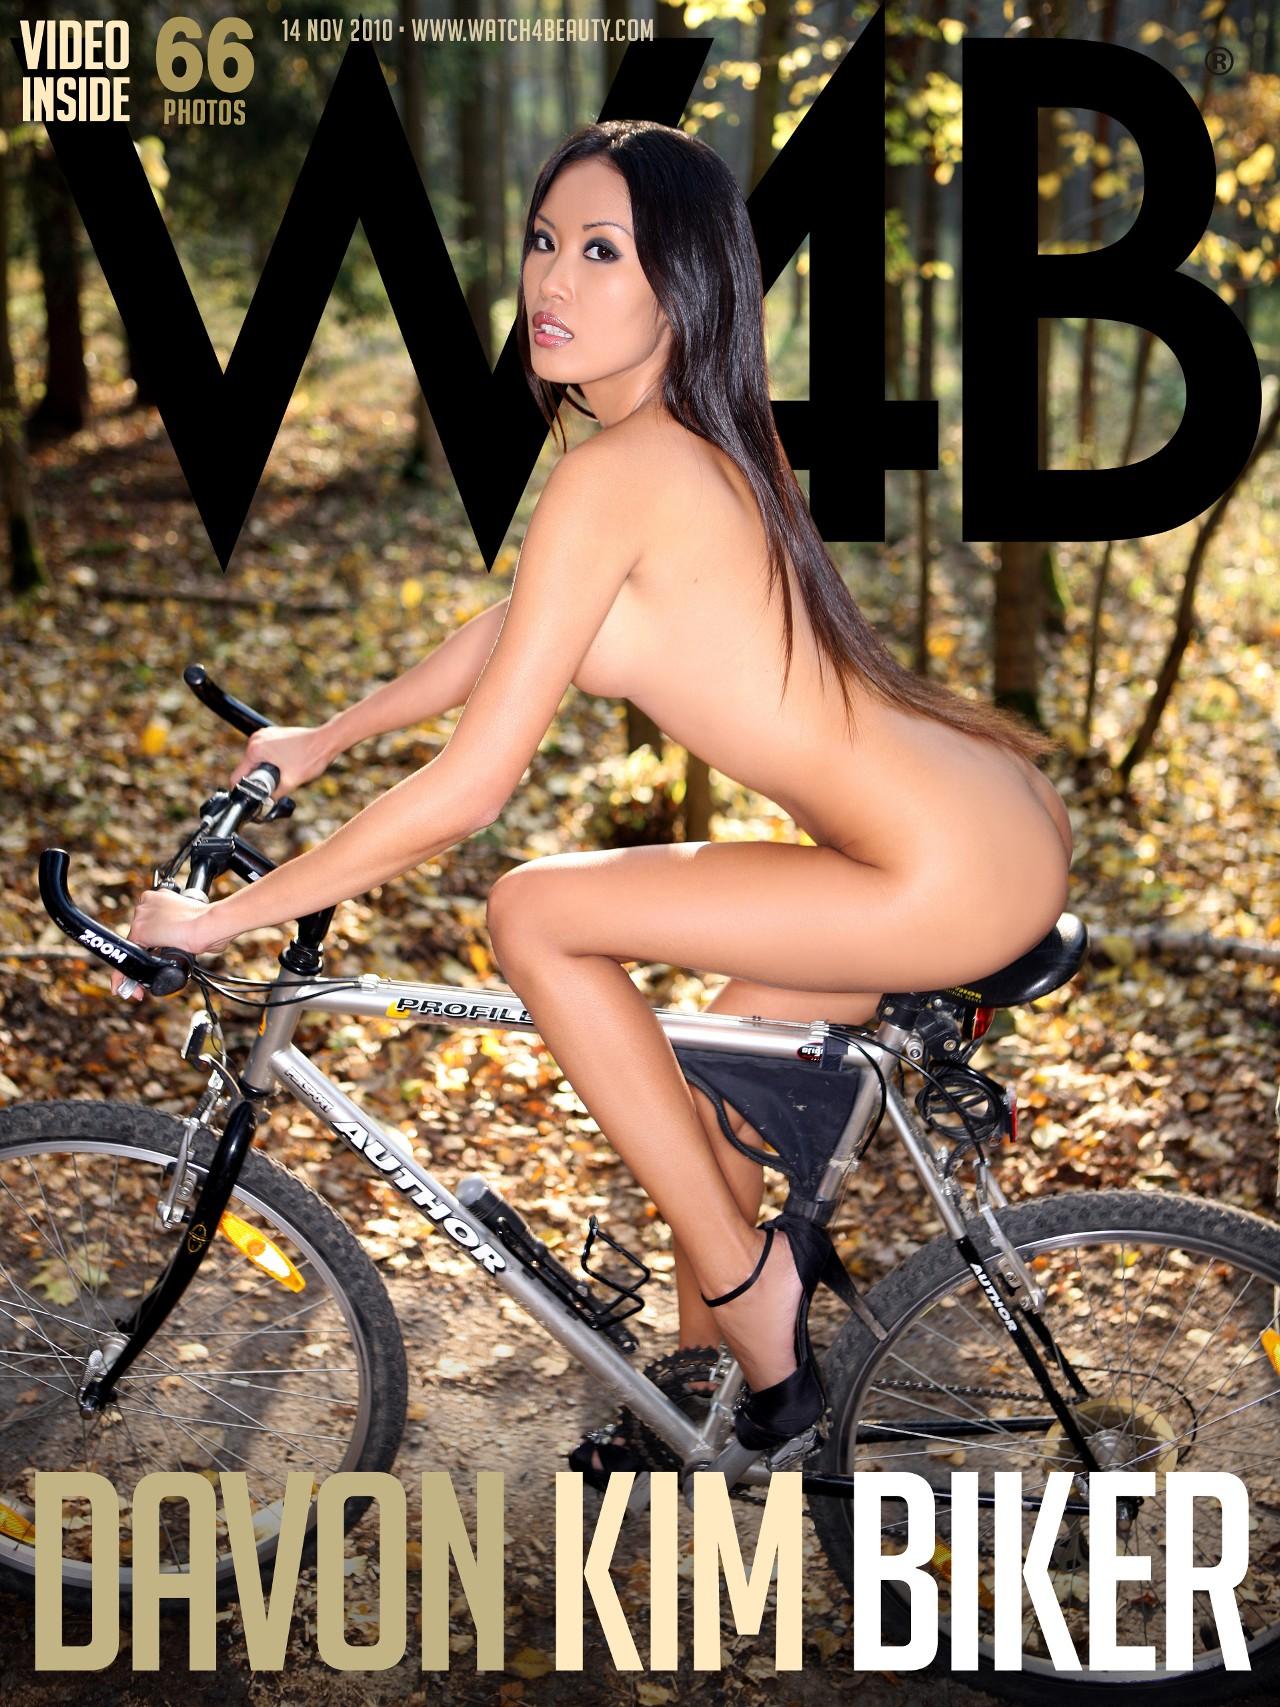 Davon Kim: Biker